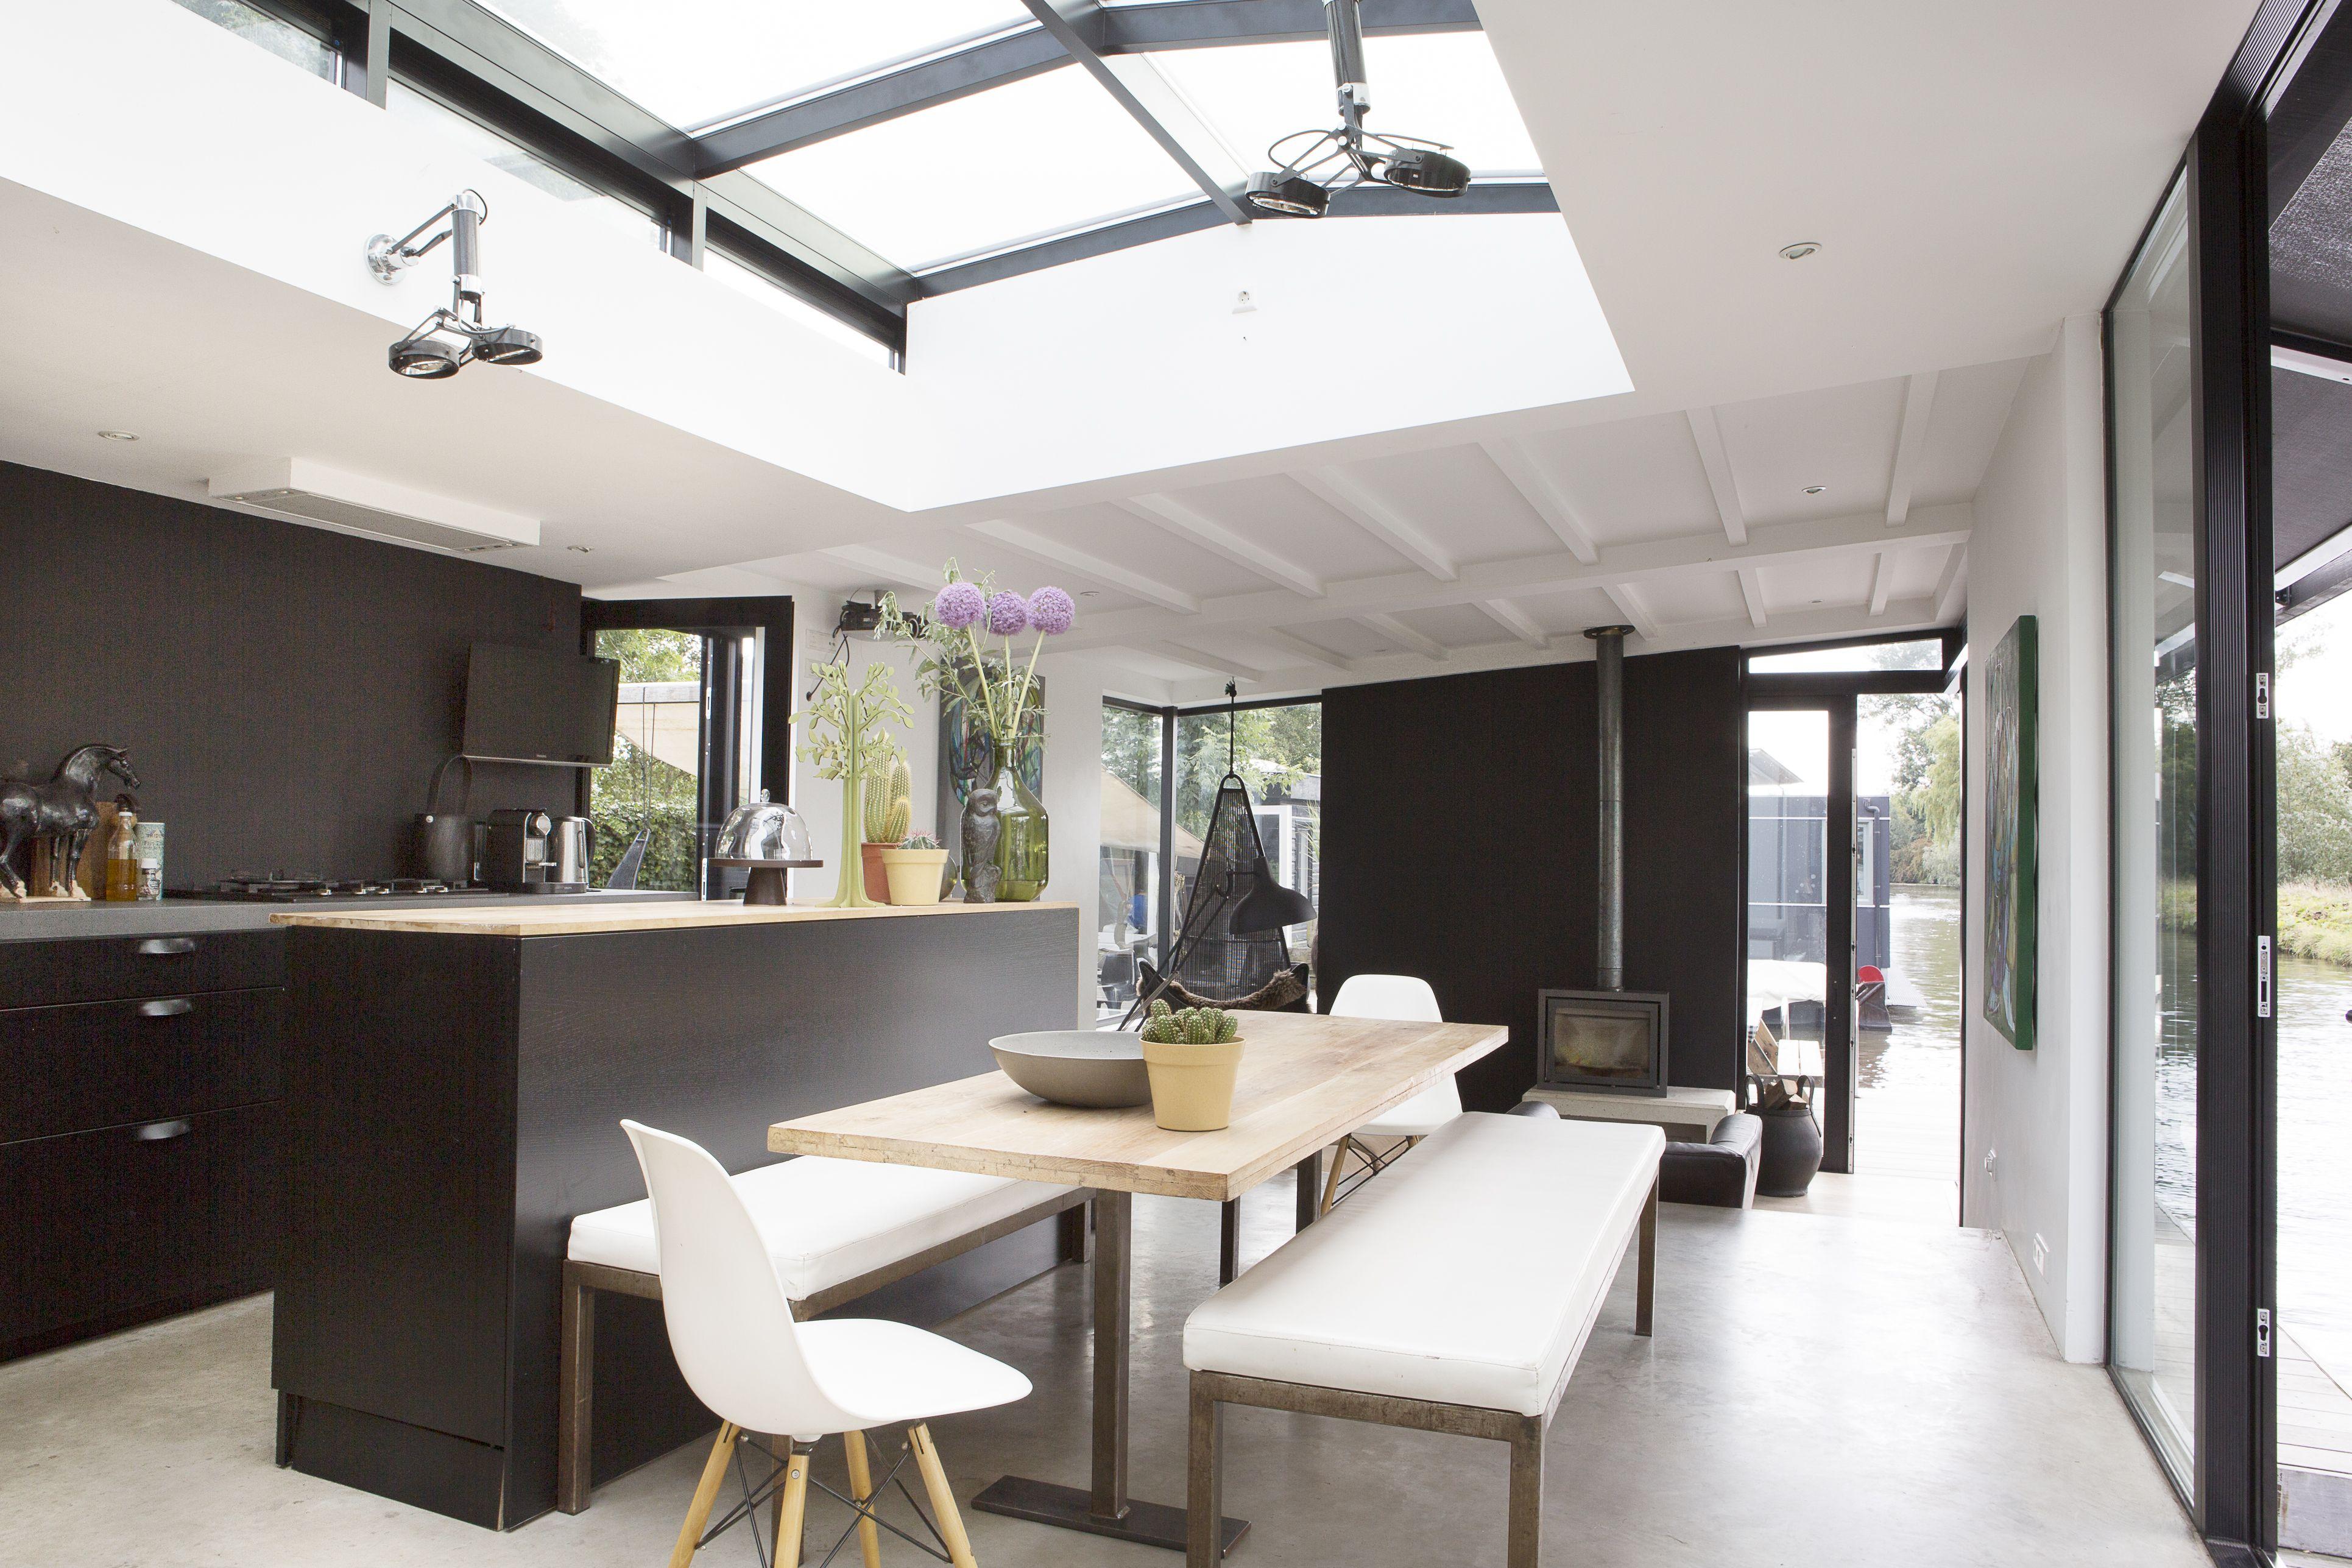 Keuken en living woonark pinterest keuken interieur for Interieur ideeen living